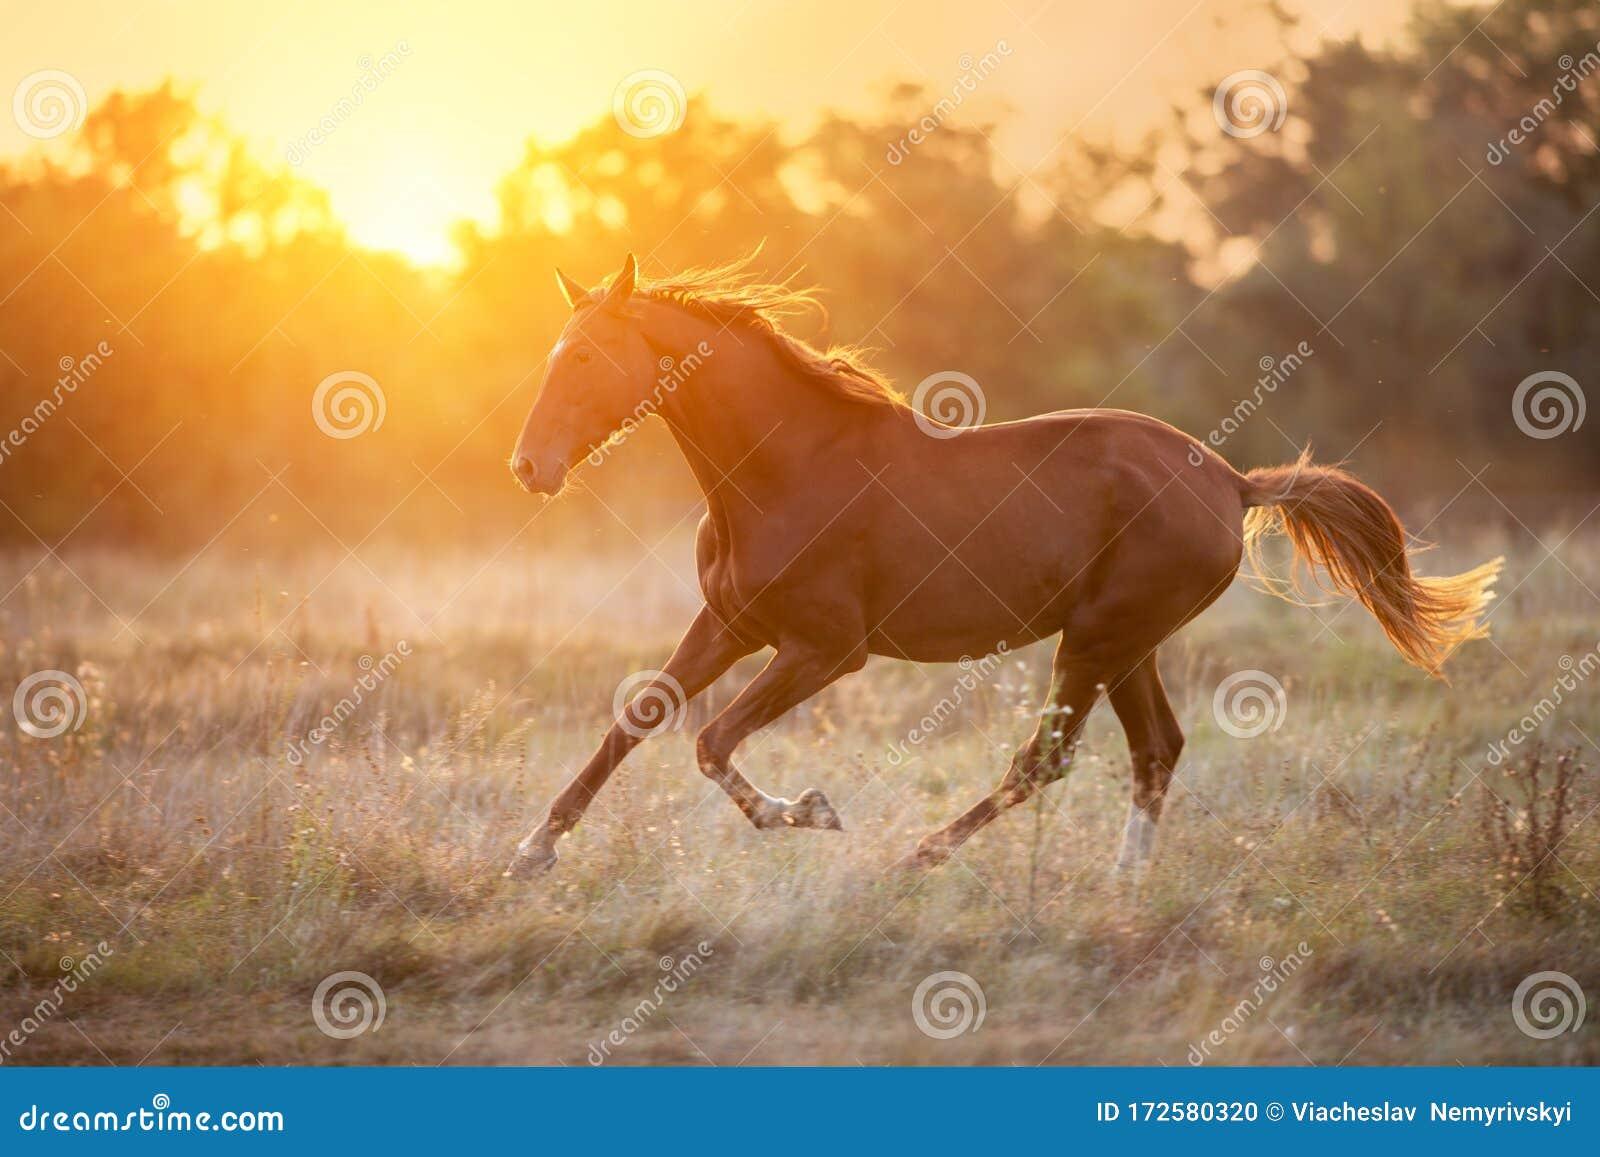 Horse At Sunset Stock Photo Image Of Motion Orange 172580320